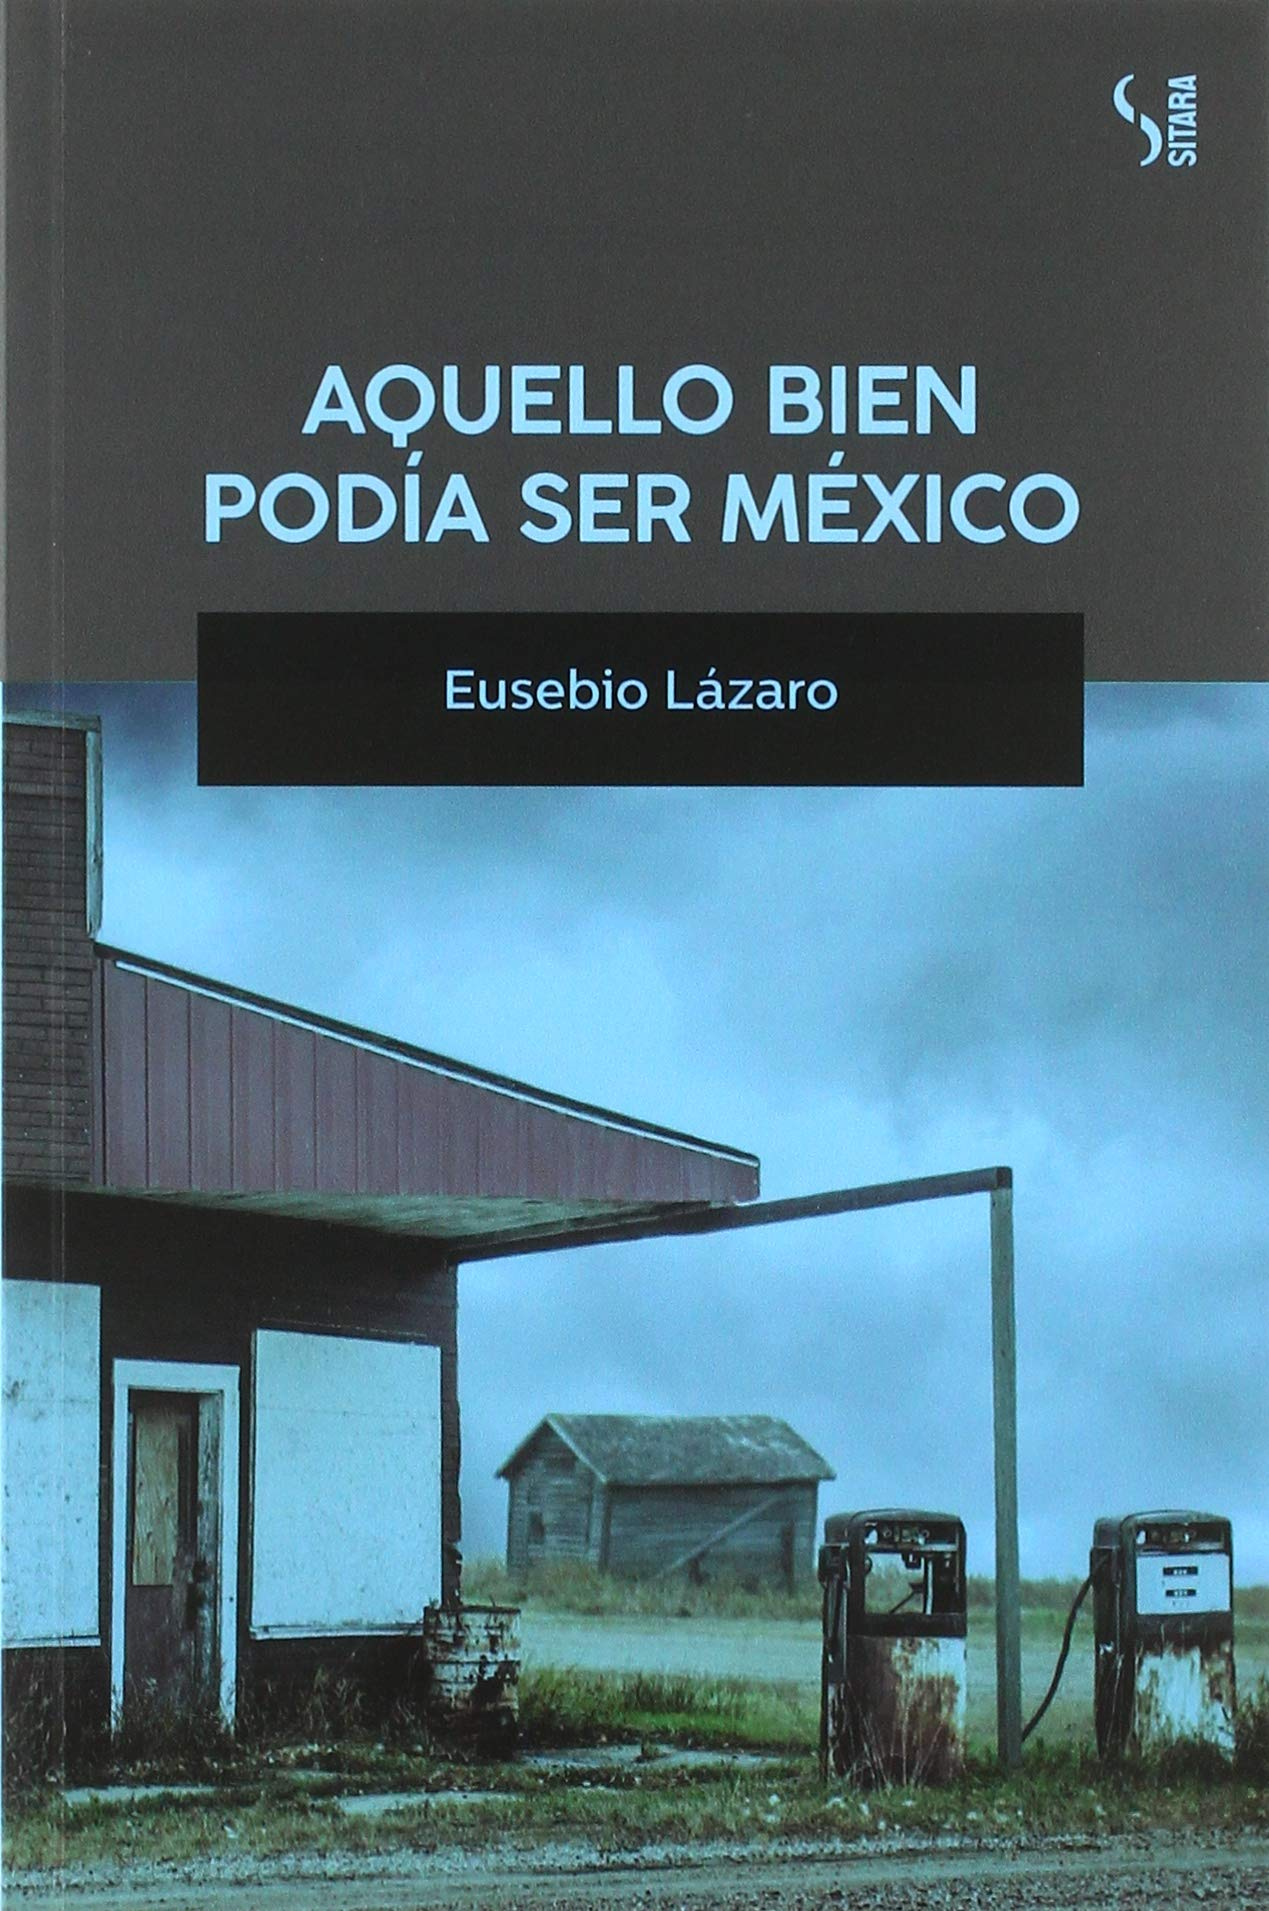 Aquello bien podría ser México, de Eusebio Lázaro